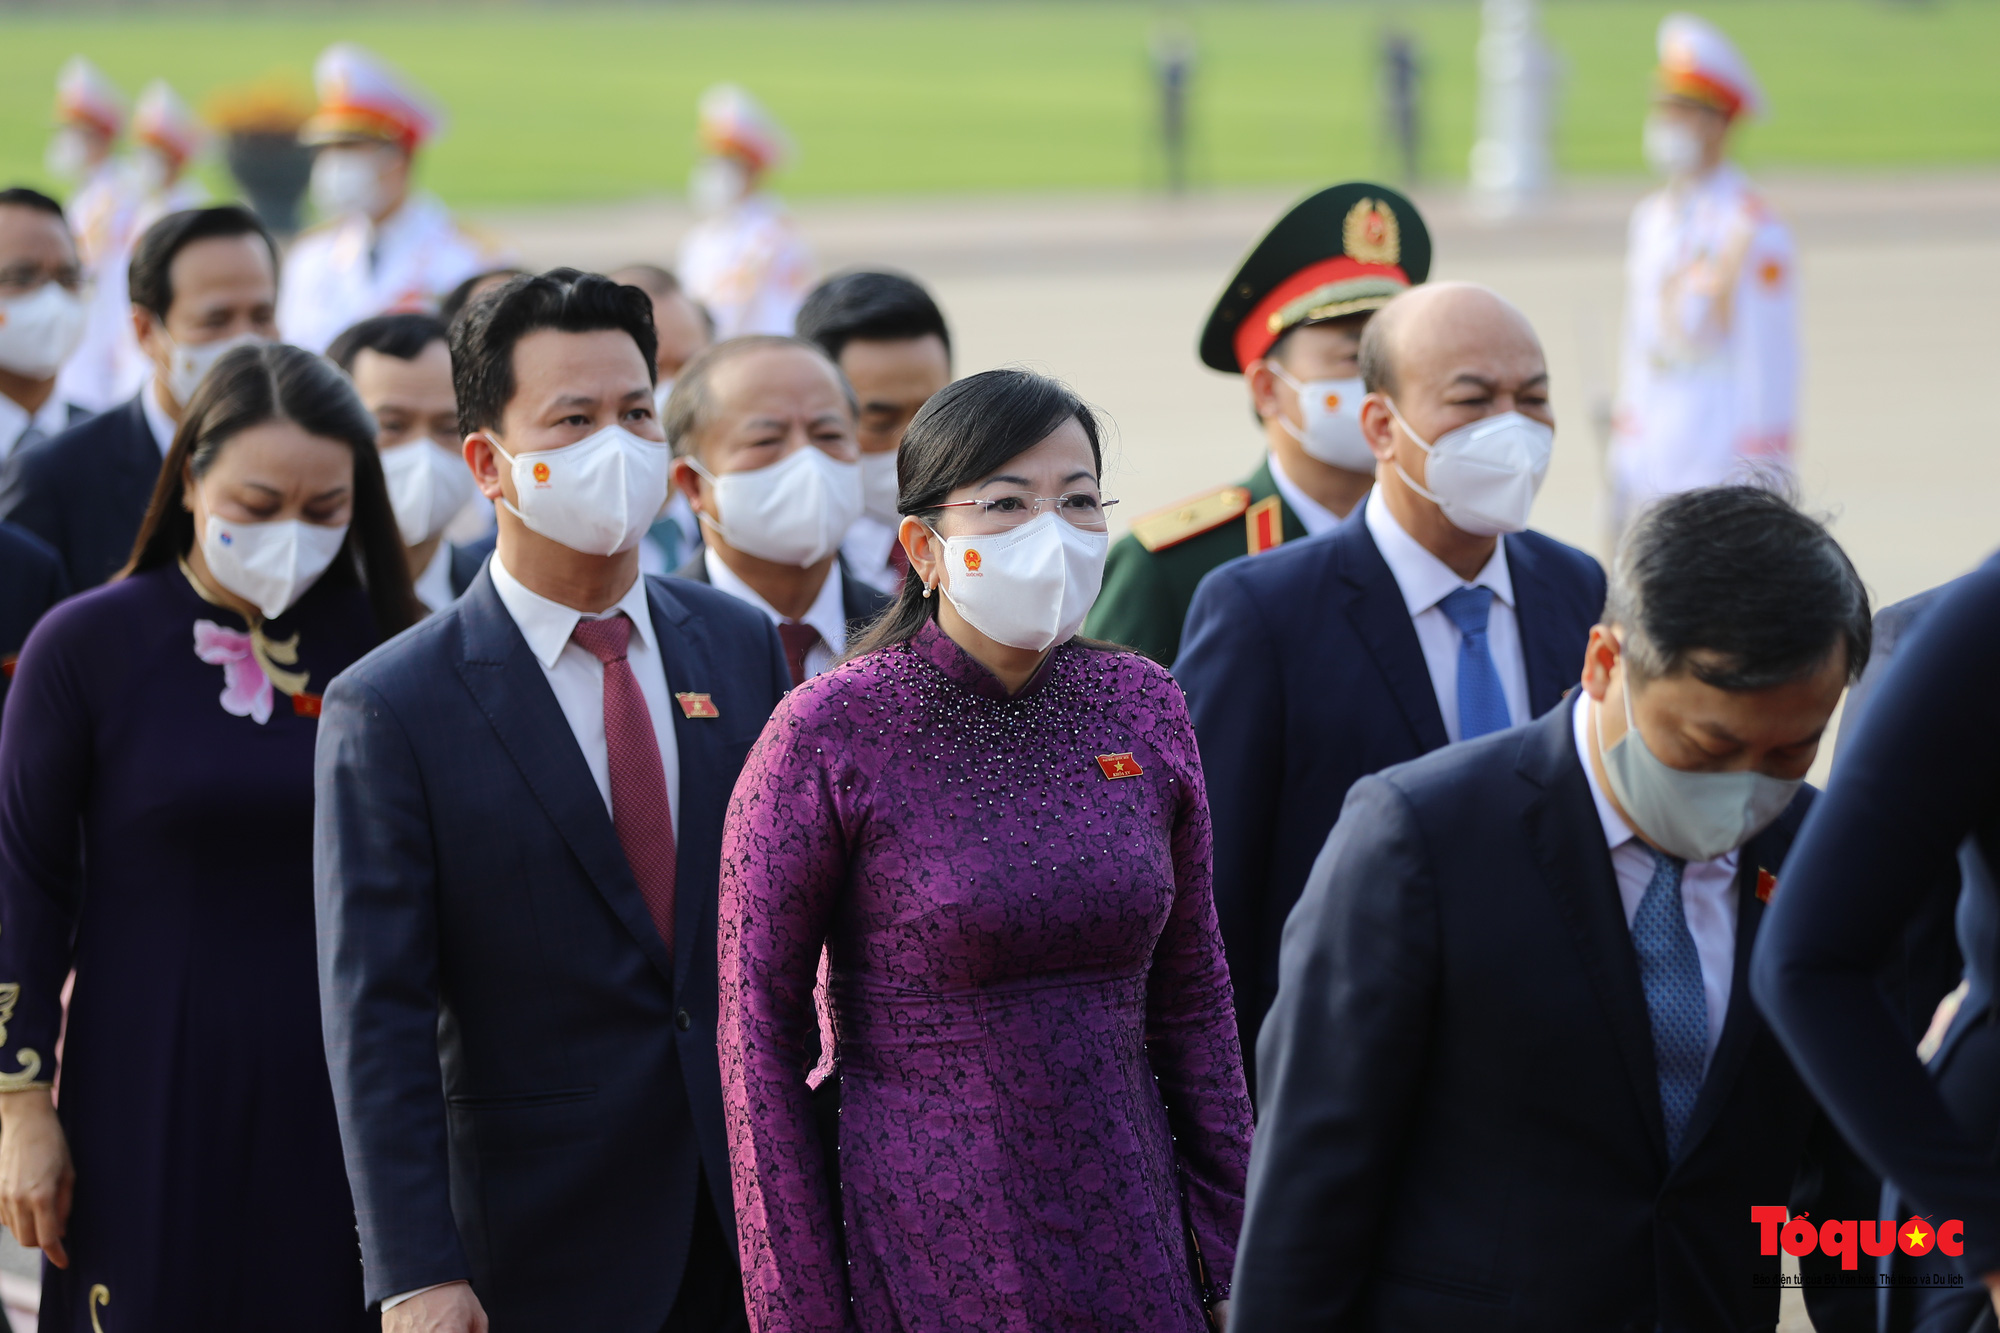 Lãnh đạo Đảng, Nhà nước và các đại biểu Quốc hội khóa XV vào Lăng viếng Chủ tịch Hồ Chí Minh - Ảnh 9.